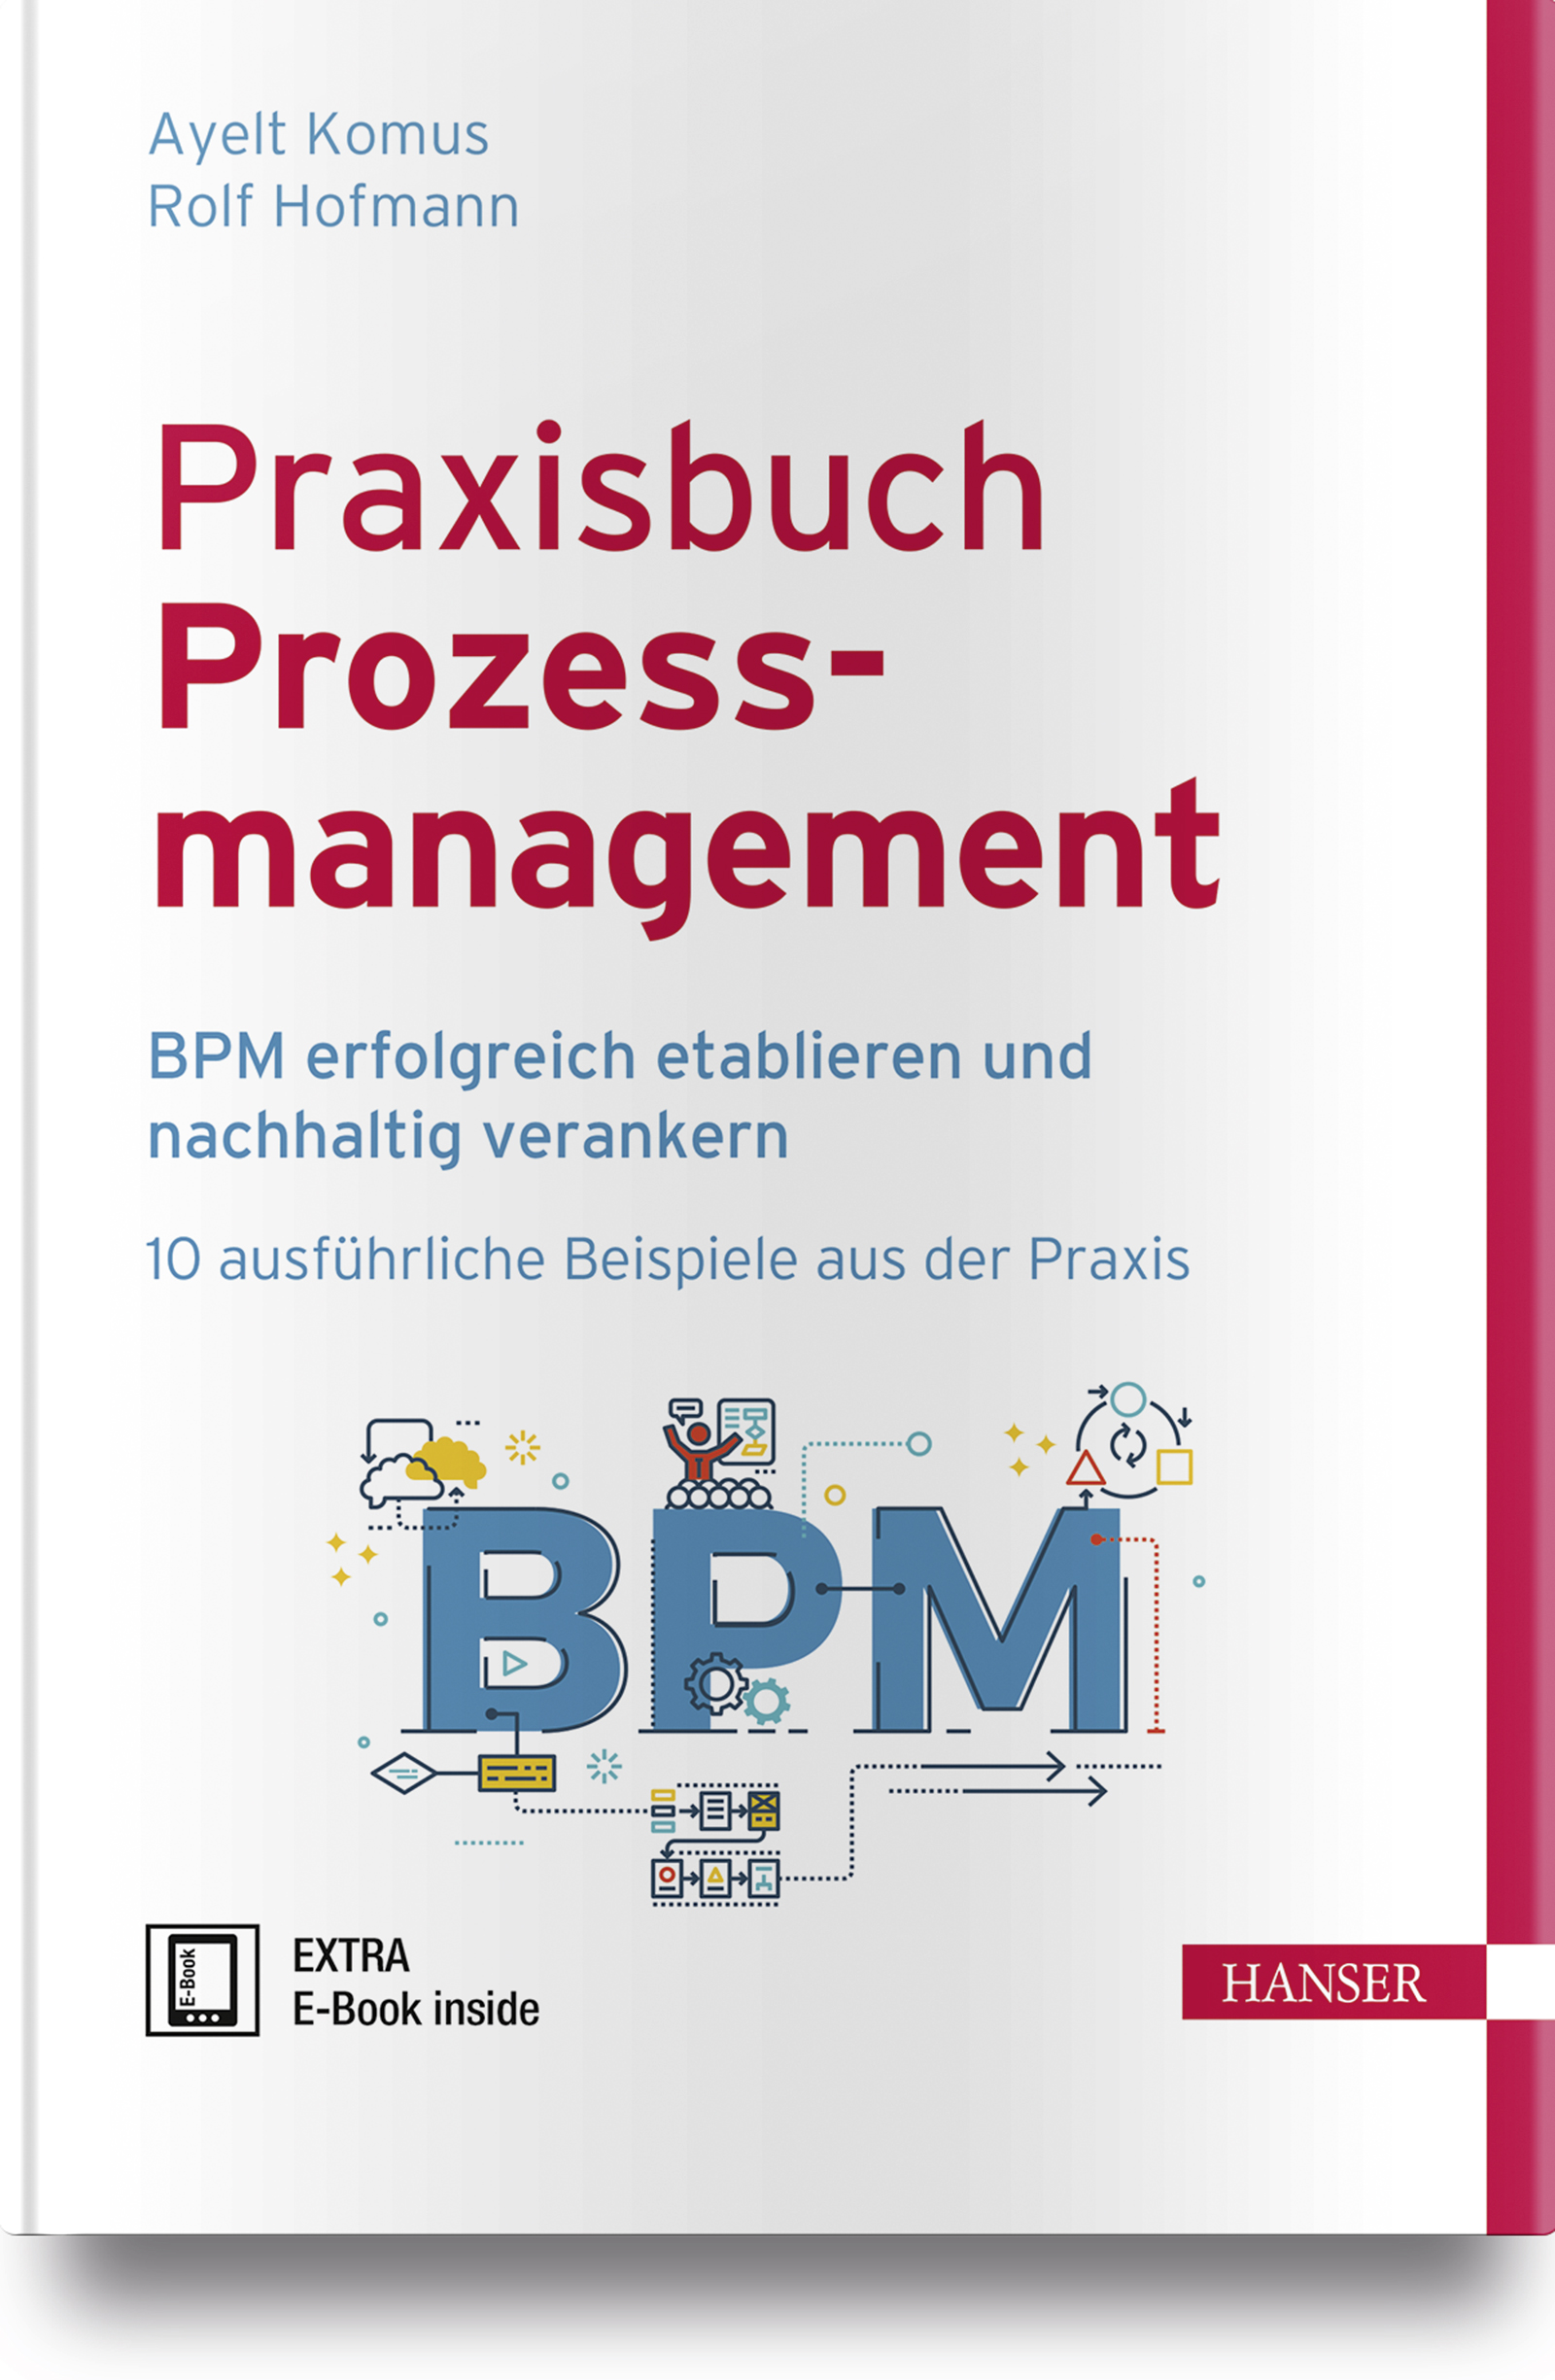 Komus, Hofmann, Praxisbuch Prozessmanagement, 978-3-446-44925-1